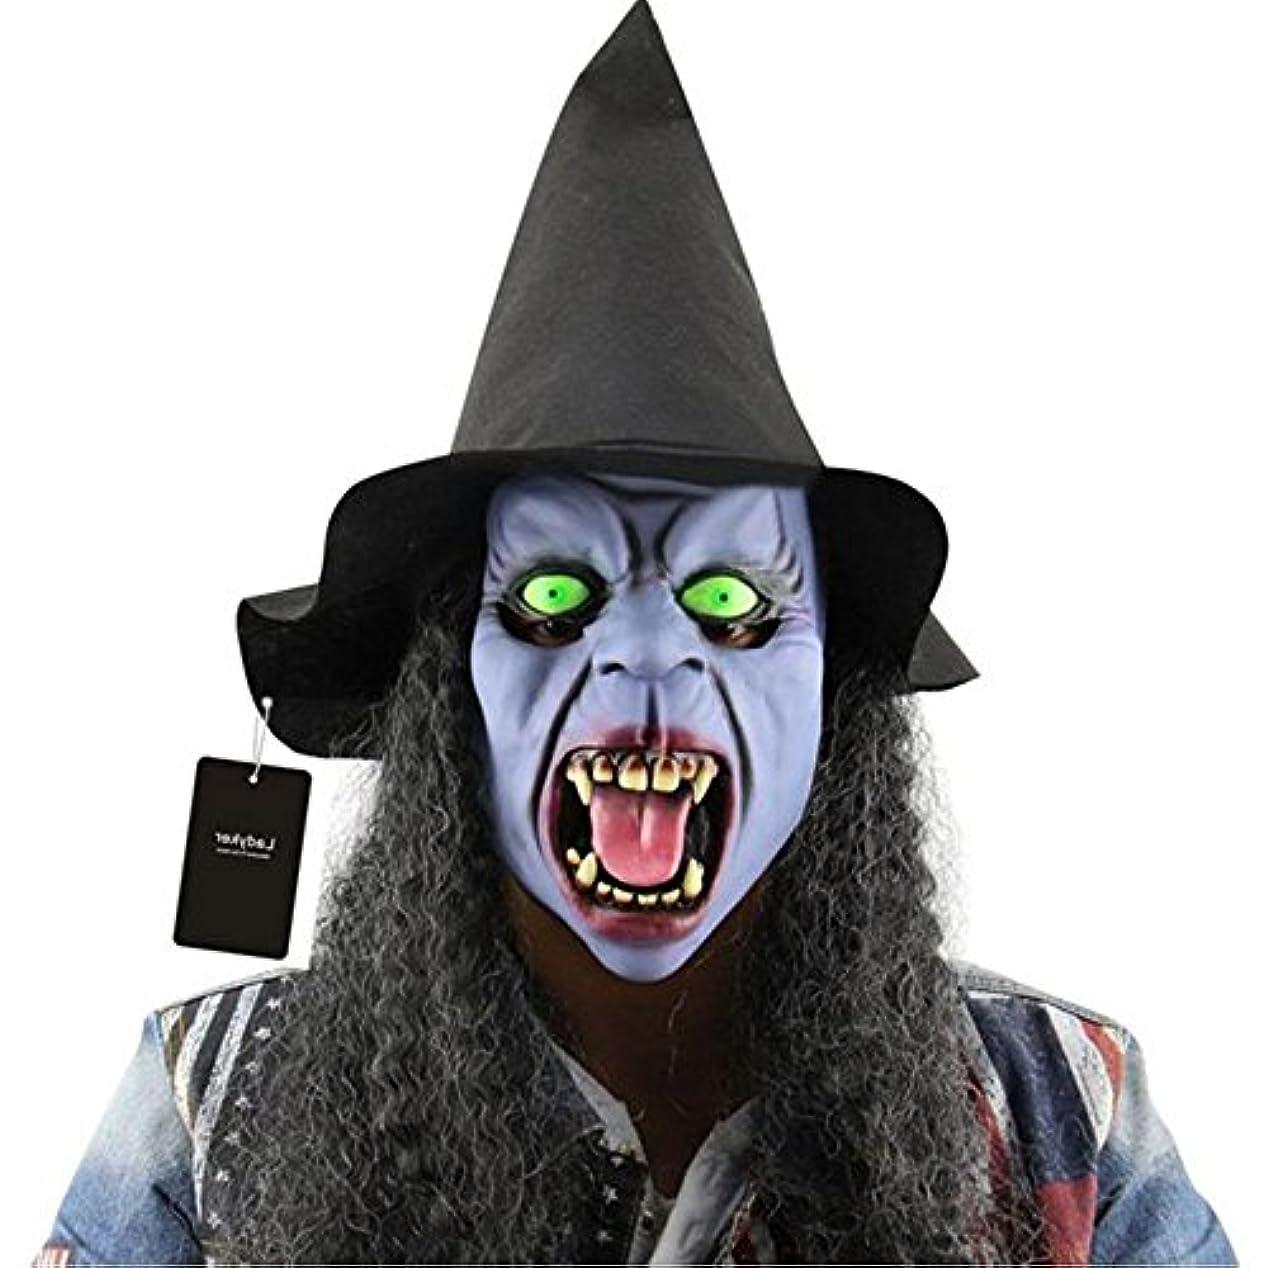 マトリックスメイド着服Auntwhale ハロウィーンマスク大人恐怖コスチューム、ホラー夜の魔女ファンシーマスカレードパーティハロウィンマスク、フェスティバル通気性ギフトヘッドマスク